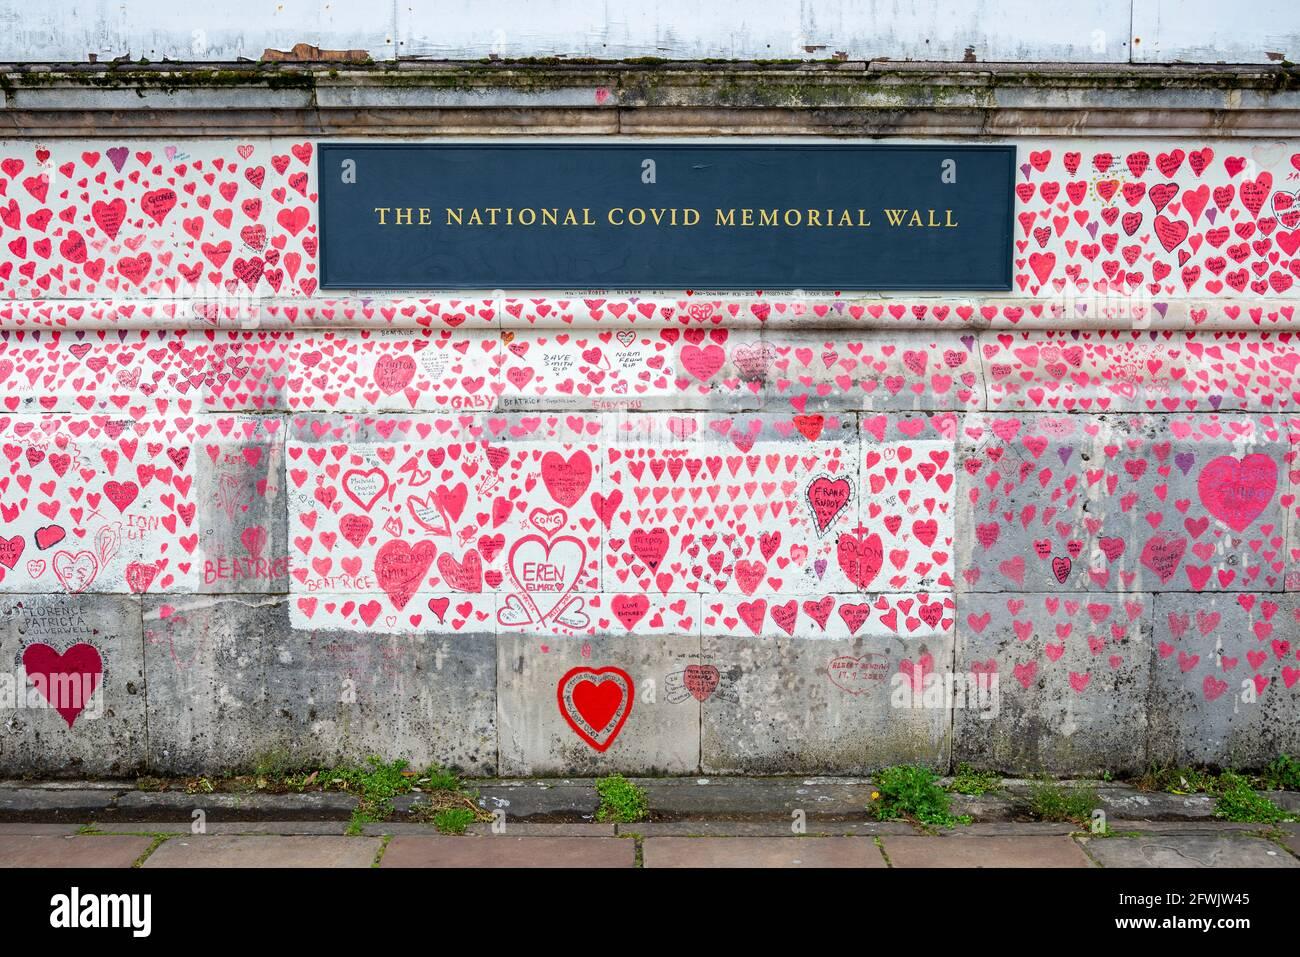 Mur commémoratif national de Covid lors d'un sinistre jour couvert à Lambeth, Londres, Royaume-Uni. Coeurs rouges tirés sur un mur représentant chaque mort de COVID 19. Mauvaises herbes Banque D'Images